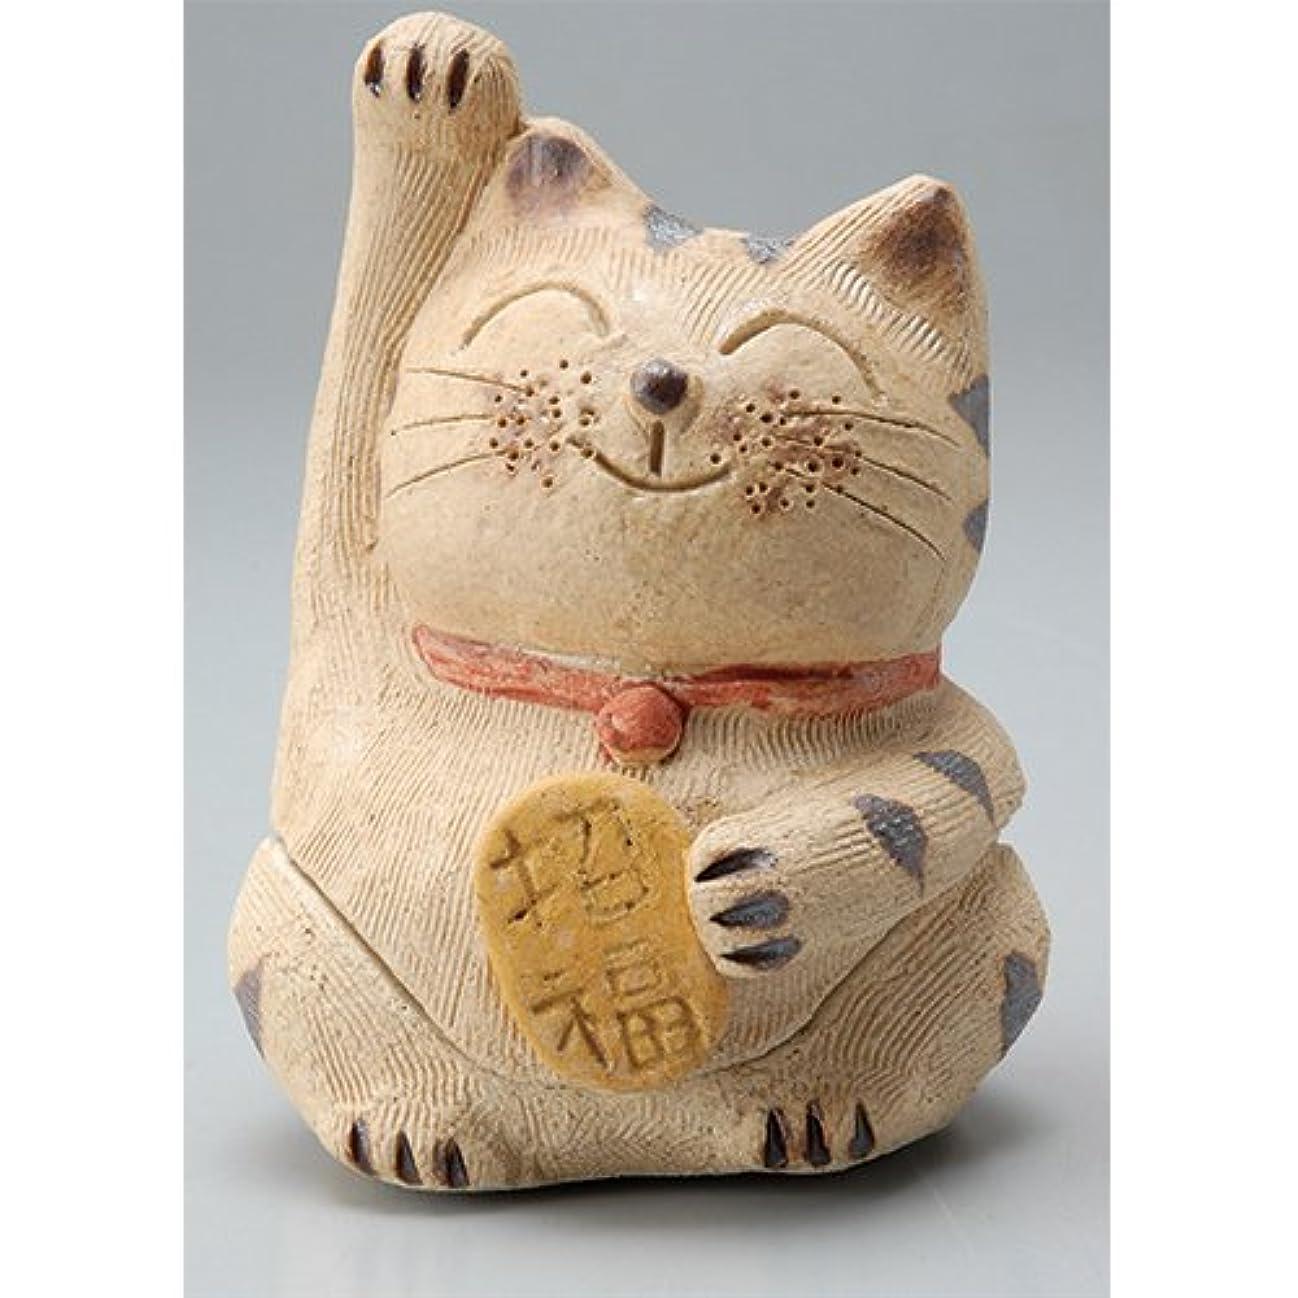 国歌若さプレミア香炉 微笑み招き猫(お金招き)香炉(小) [H8.5cm] HANDMADE プレゼント ギフト 和食器 かわいい インテリア